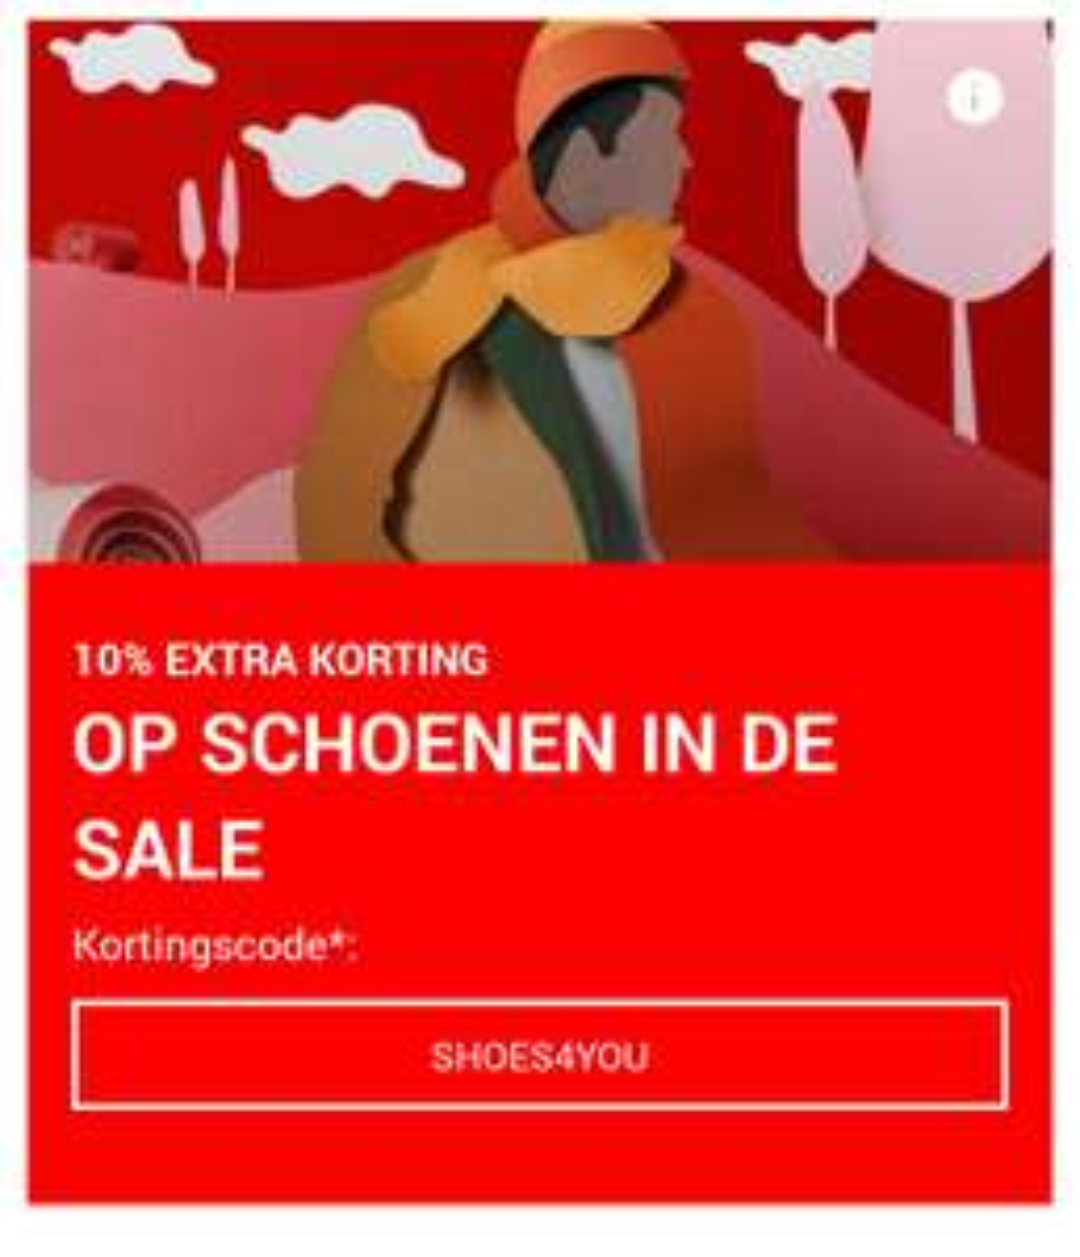 10% extra korting op schoenen in de sale, vanaf 100€